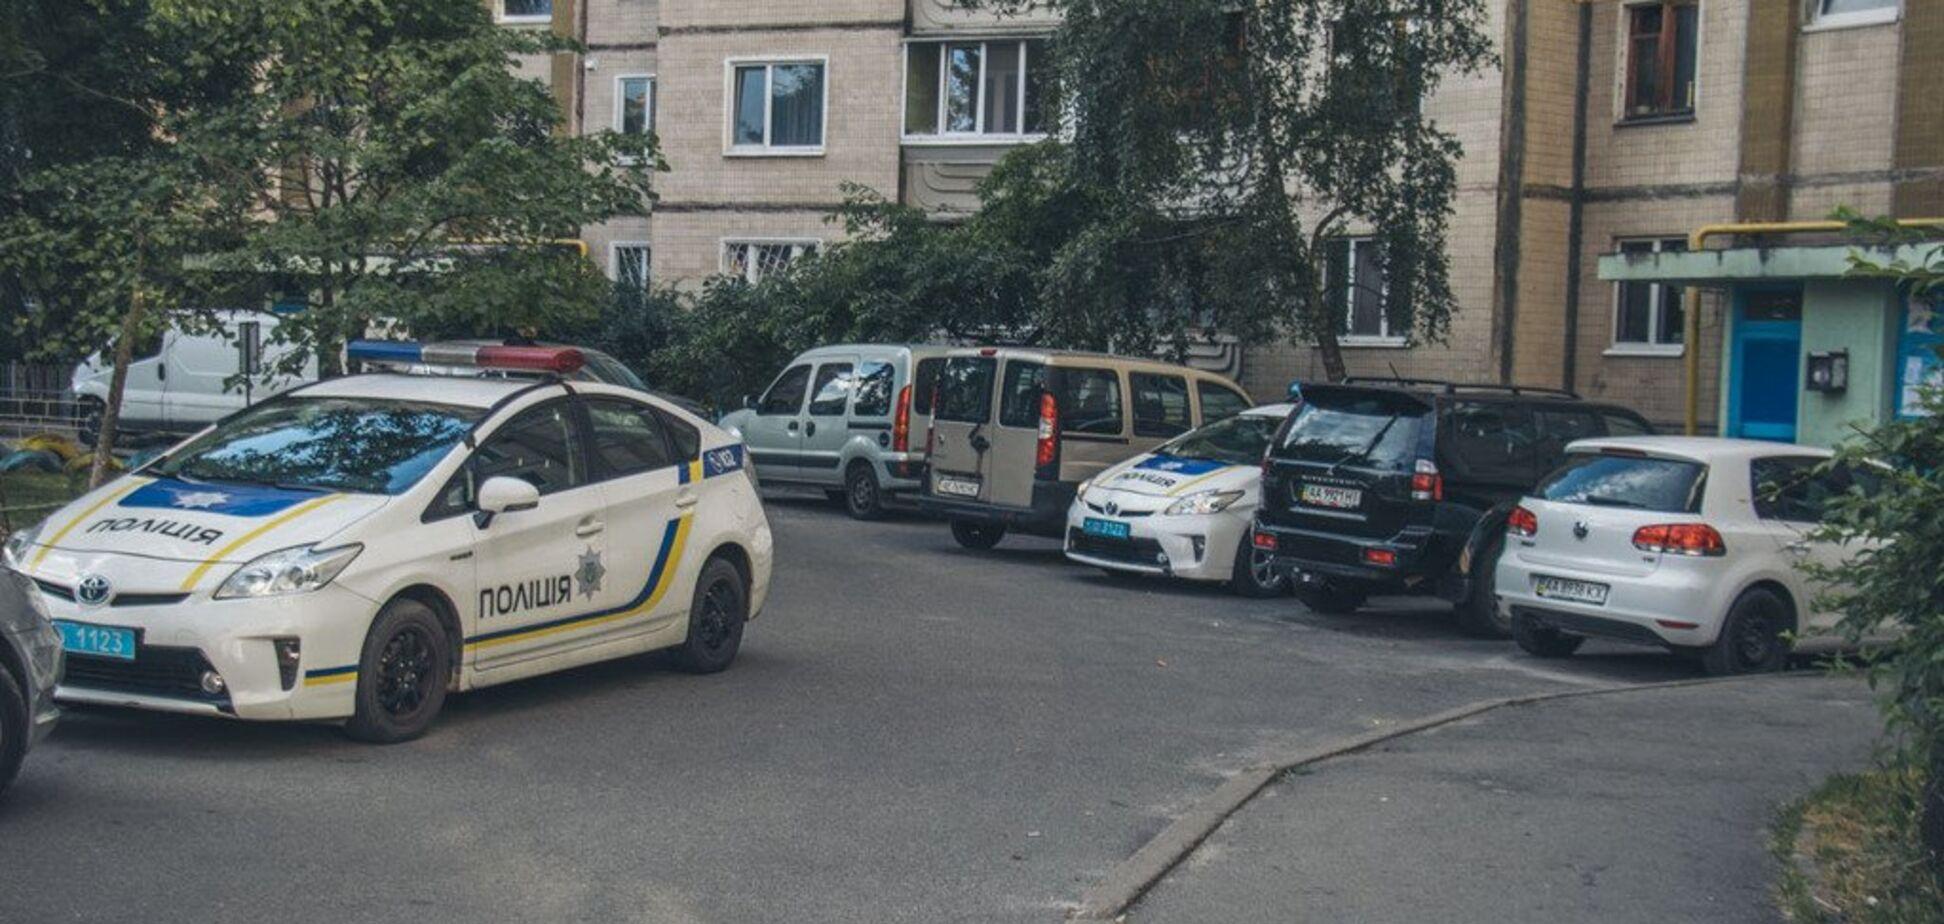 Прыгнул с запиской в руках: в Киеве мужчина совершил самоубийство